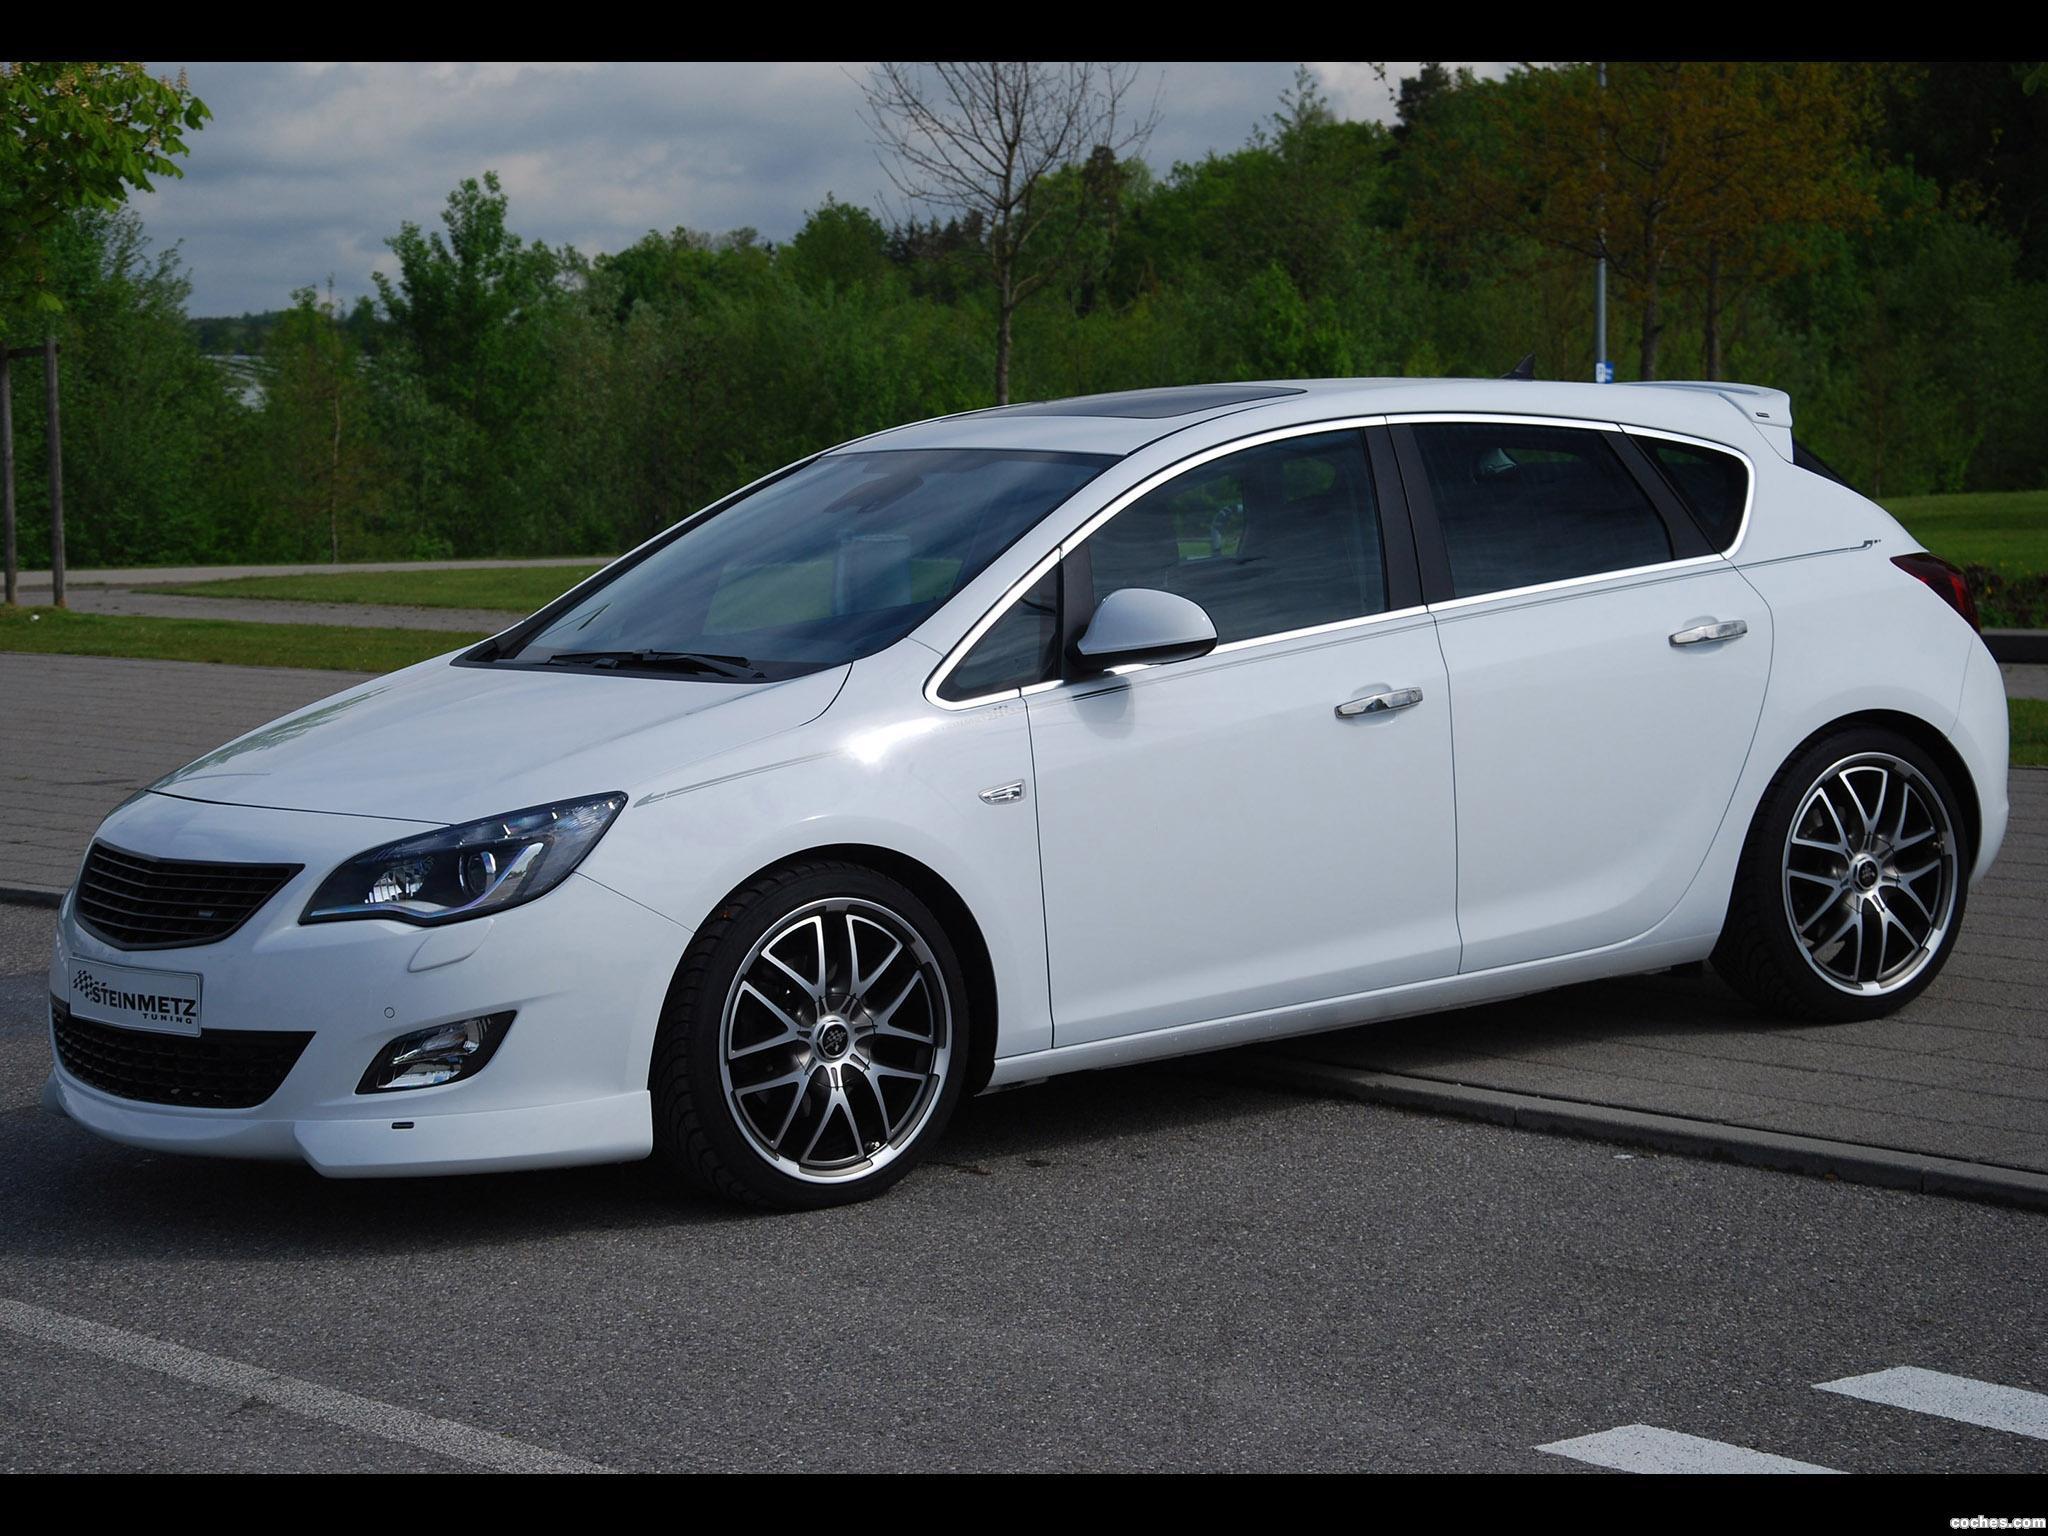 Foto 2 de Steinmetz Opel Astra I 2010